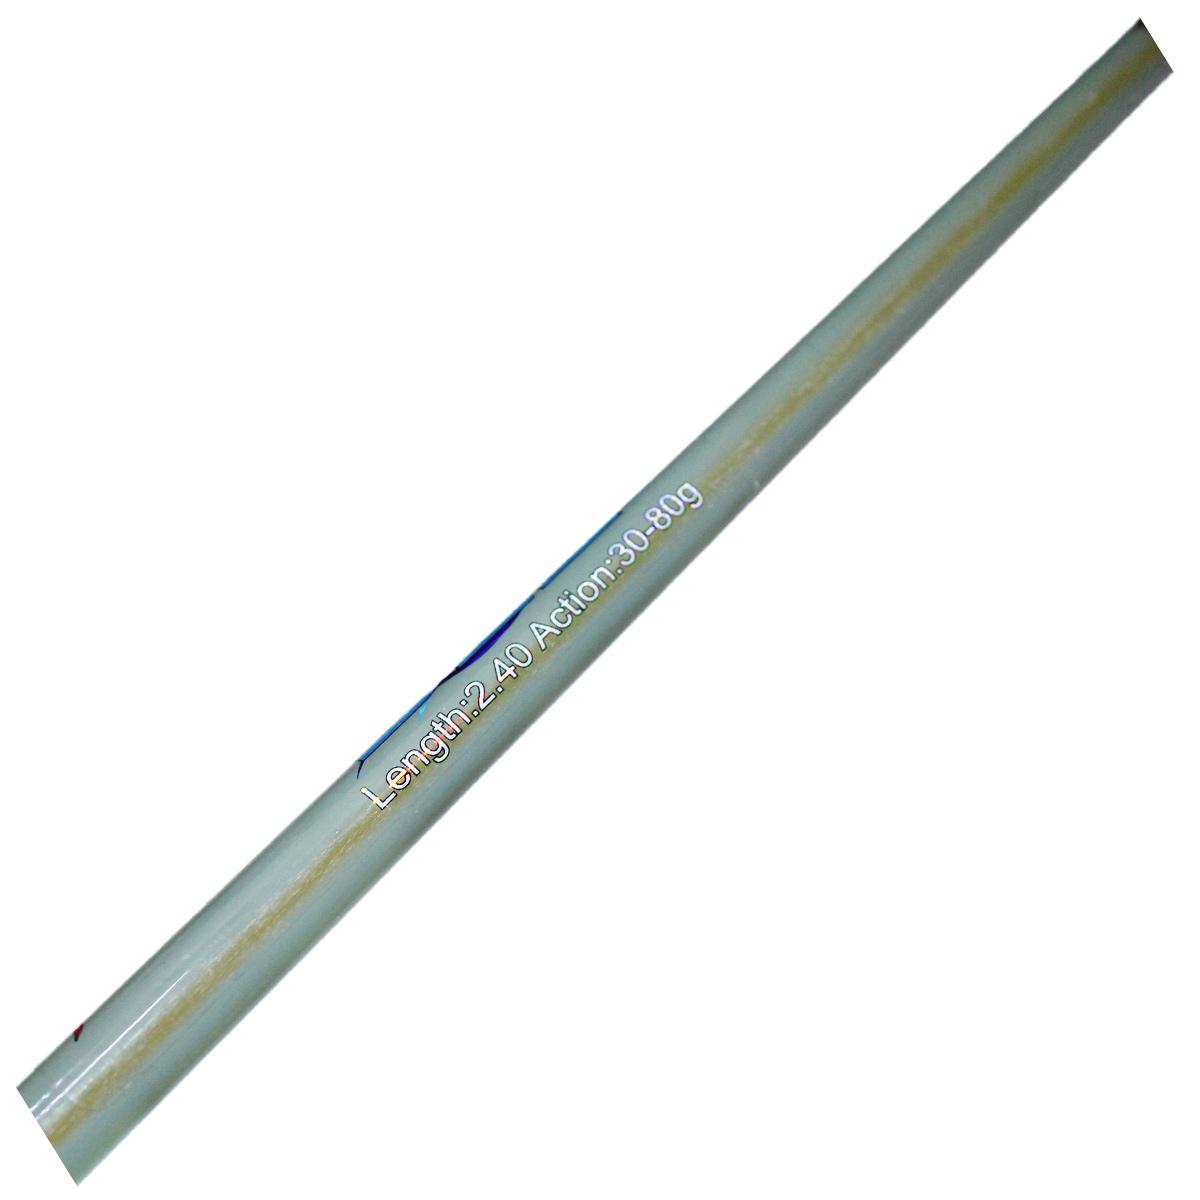 Cần Câu Máy Hai Khúc Đặc Trong DLE 2402 - 2m4 Cần Phổ Thông